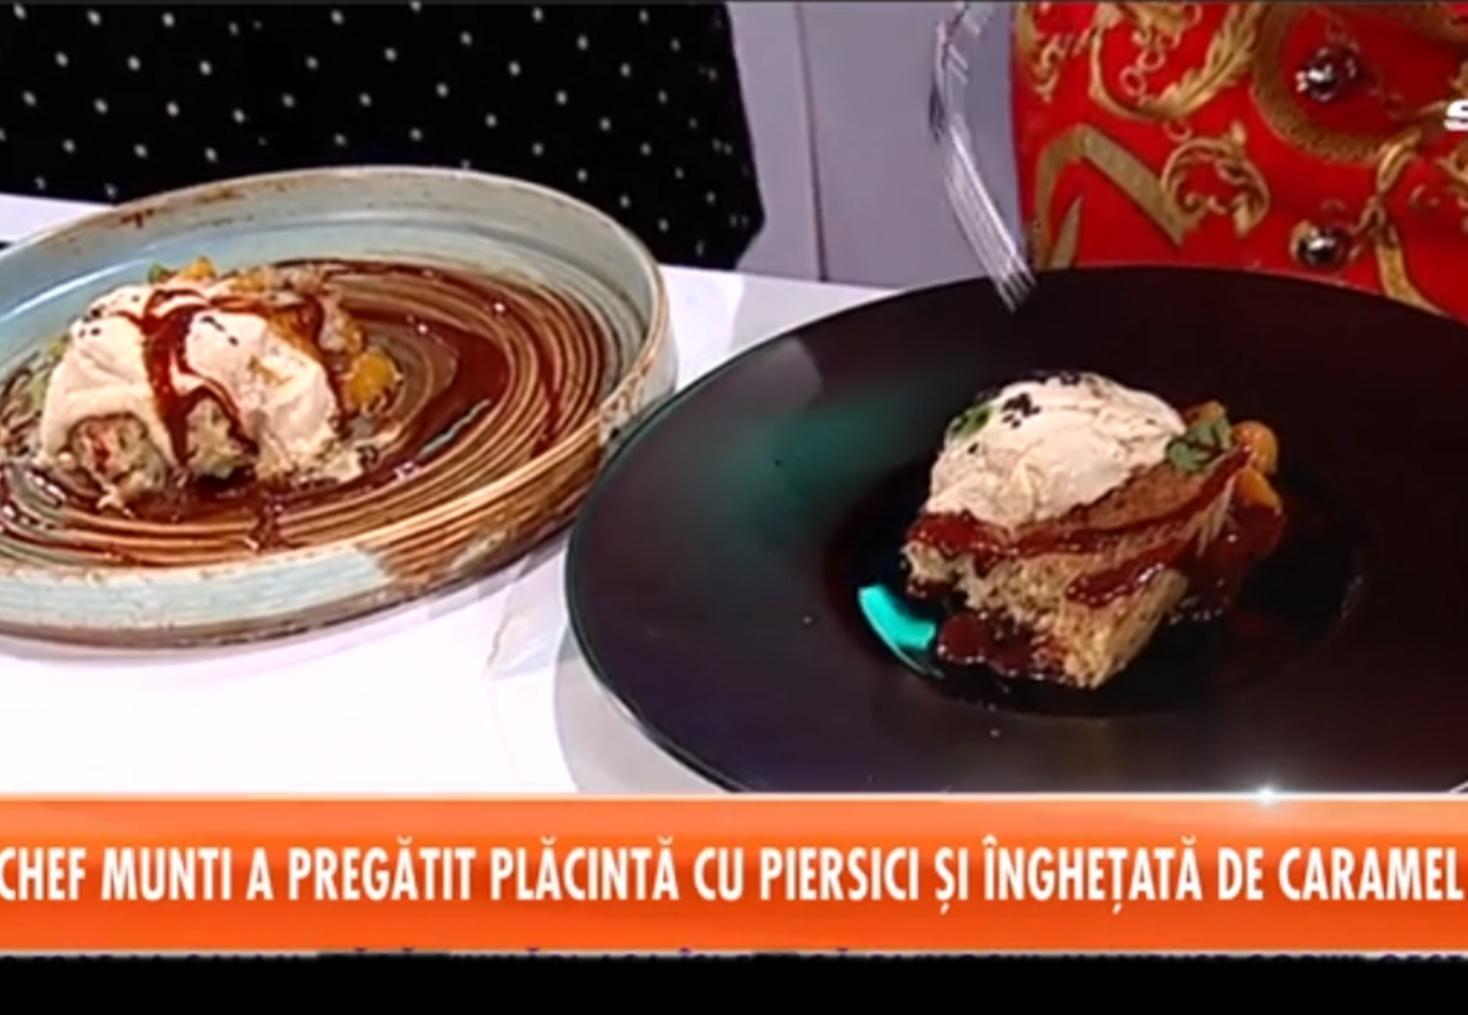 Cum poți prepara cea mai delicioasă rețetă de plăcintă cu piersici din compot, servită cu îngheţată de caramel sărat